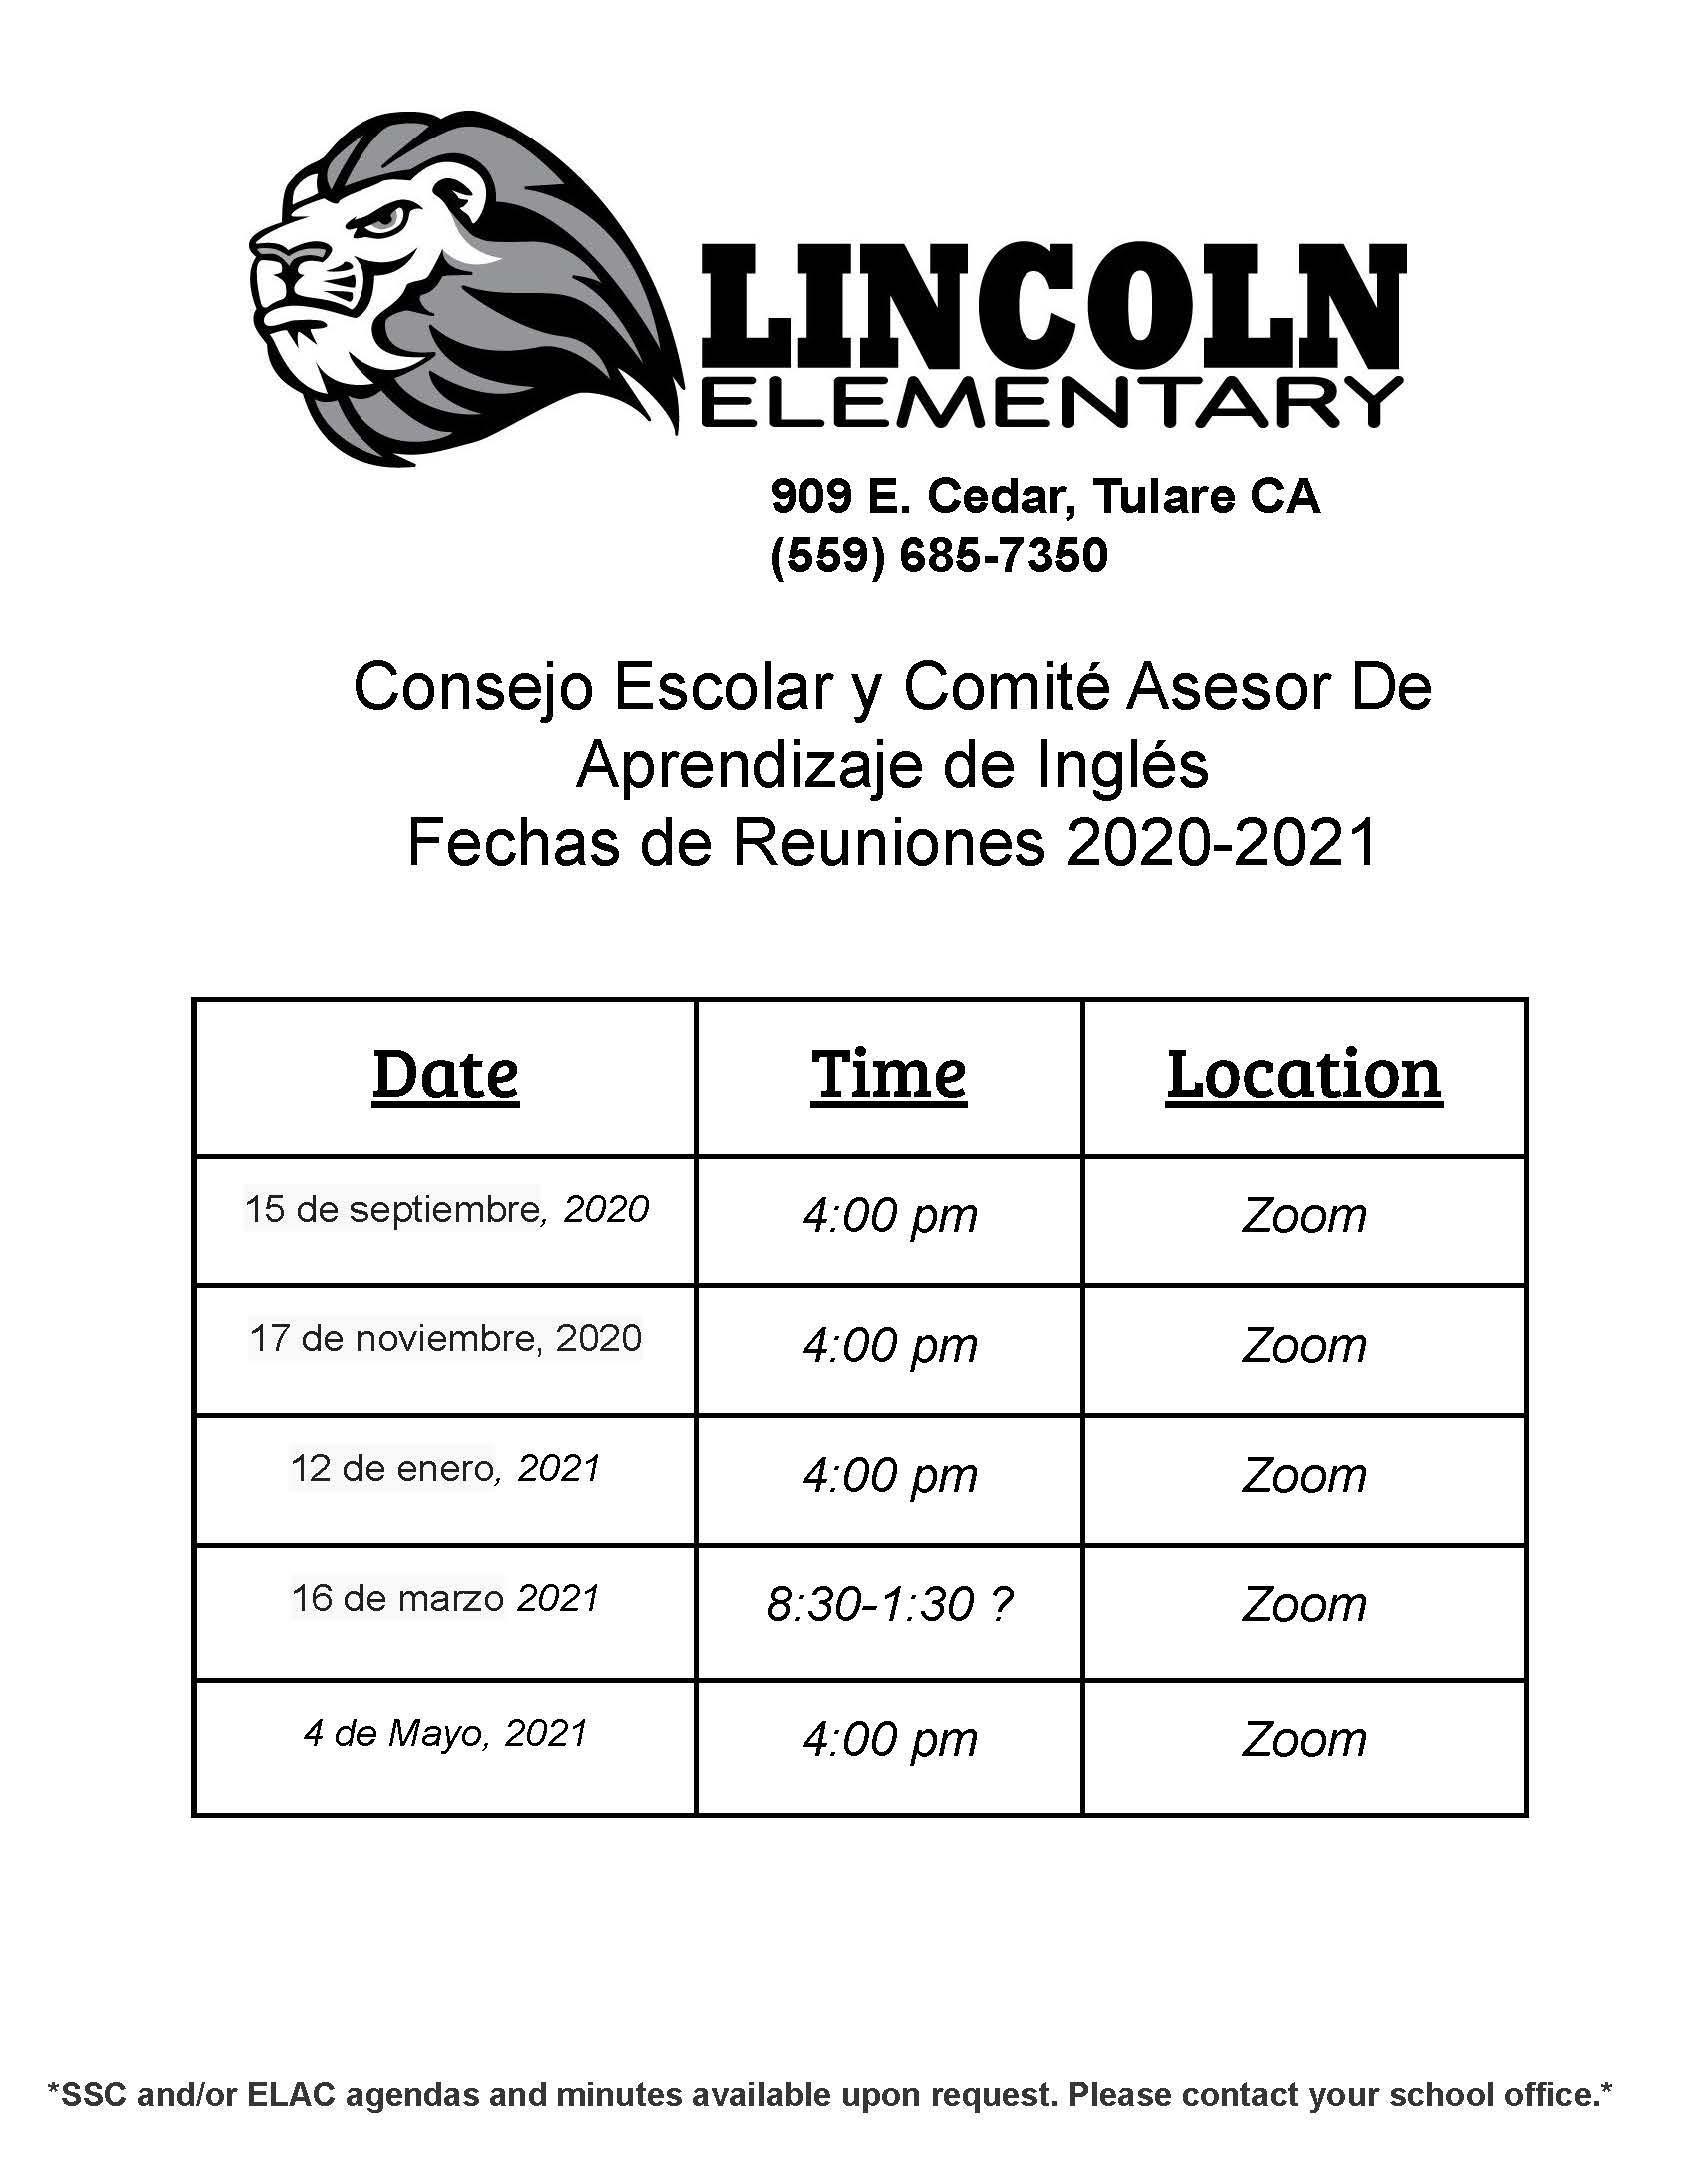 SSC/ELAC fechas de reuniones 20/21